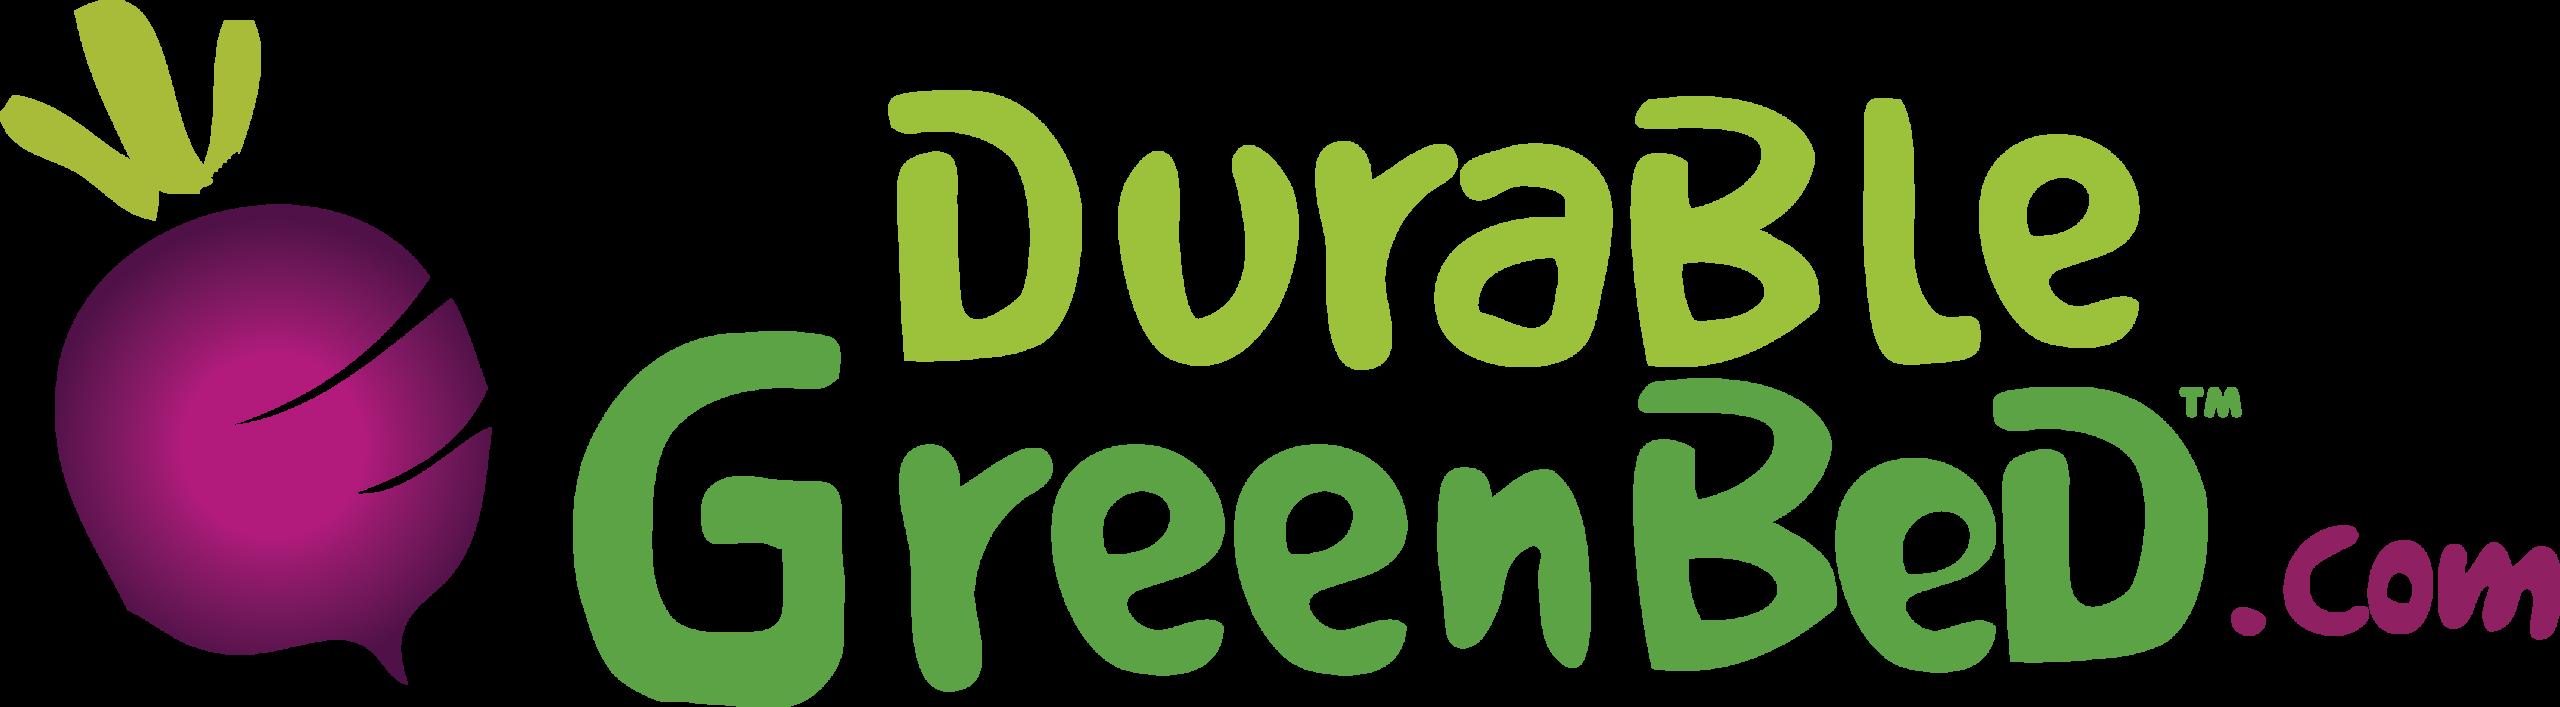 Durable GreenBed.com TM